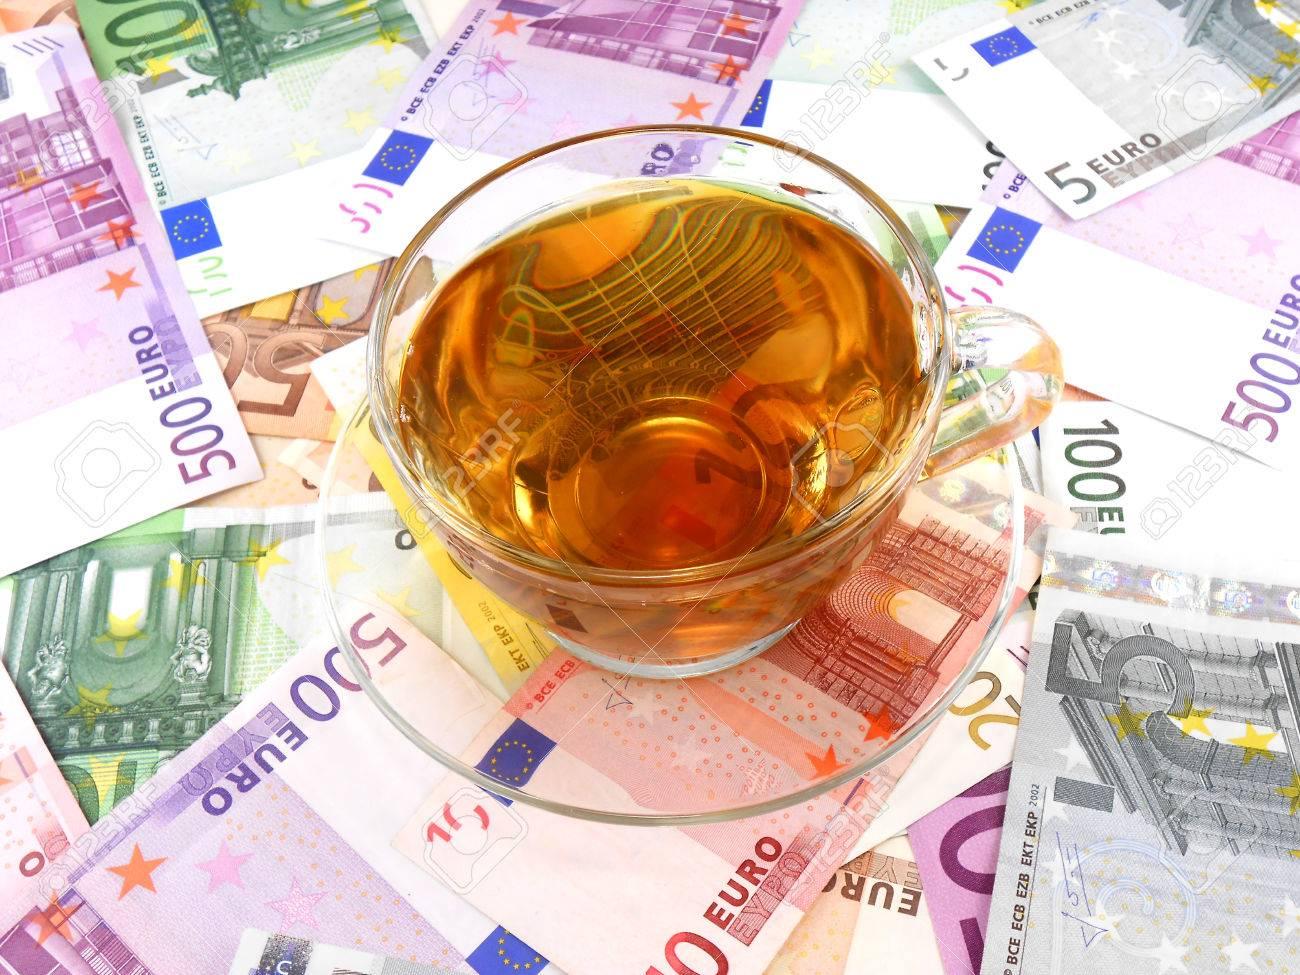 紅茶またはコーヒー カップ上のお金の壁紙 の写真素材 画像素材 Image